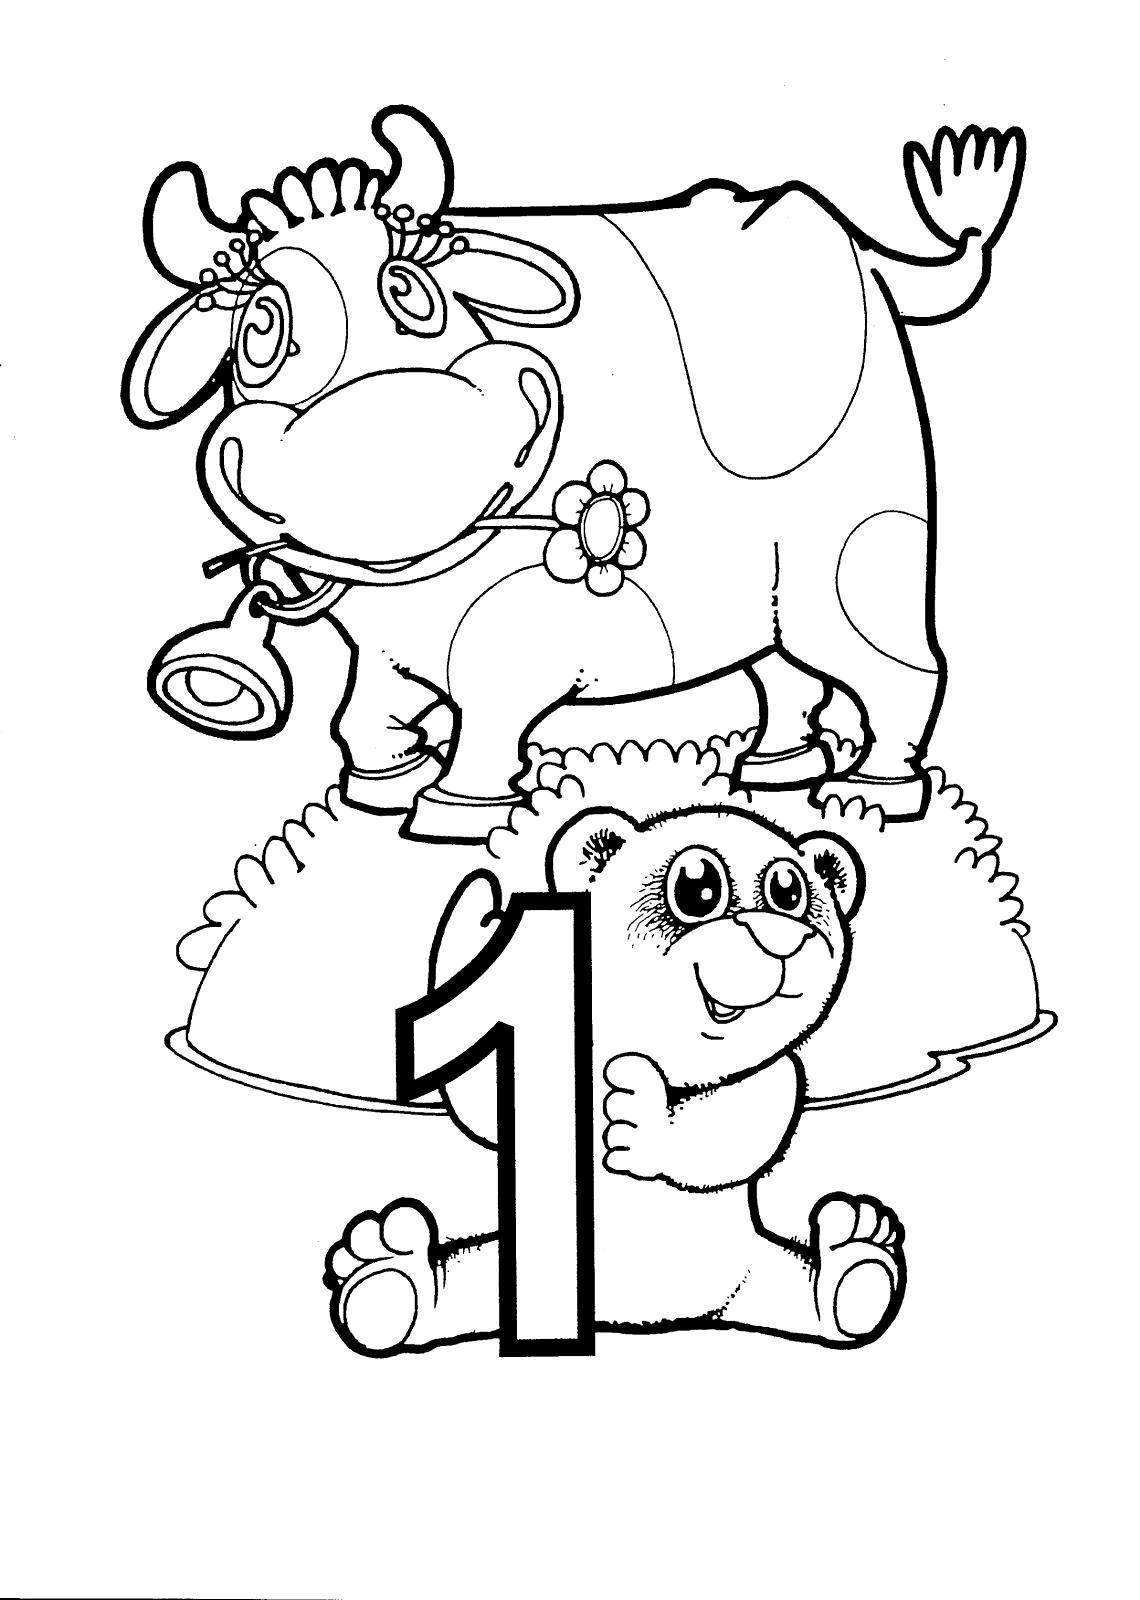 Раскраски счет, цифра 1, корова и медвежонок